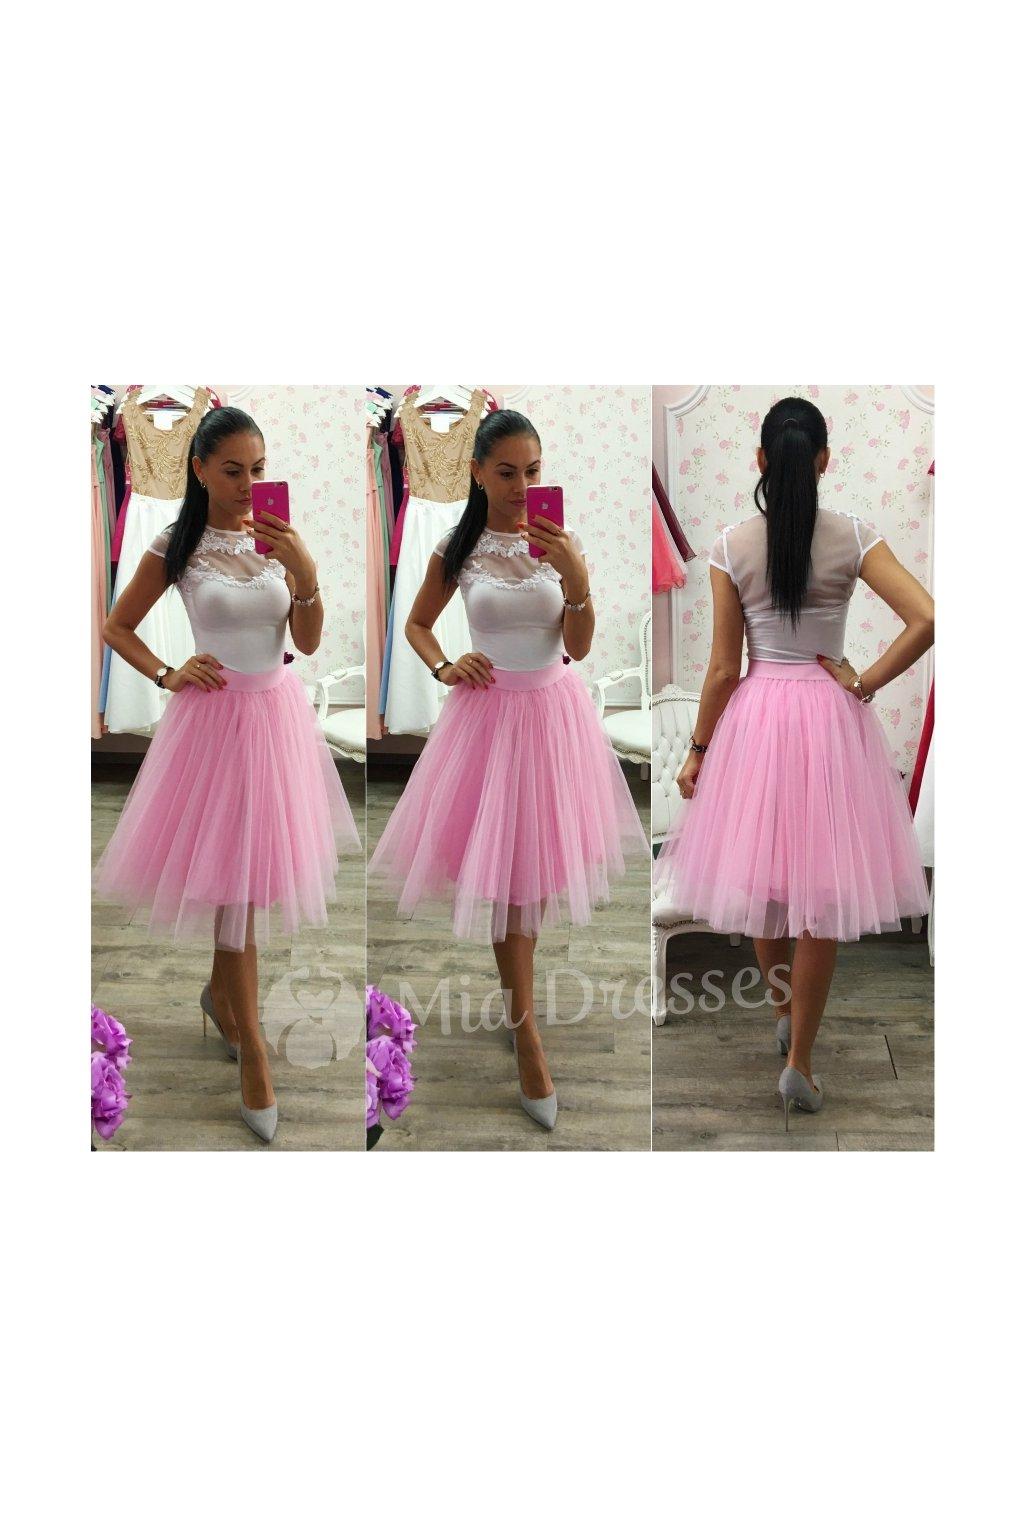 Ružová midi tylová tutu sukňa - Mia Dresses f1b21c0e8a